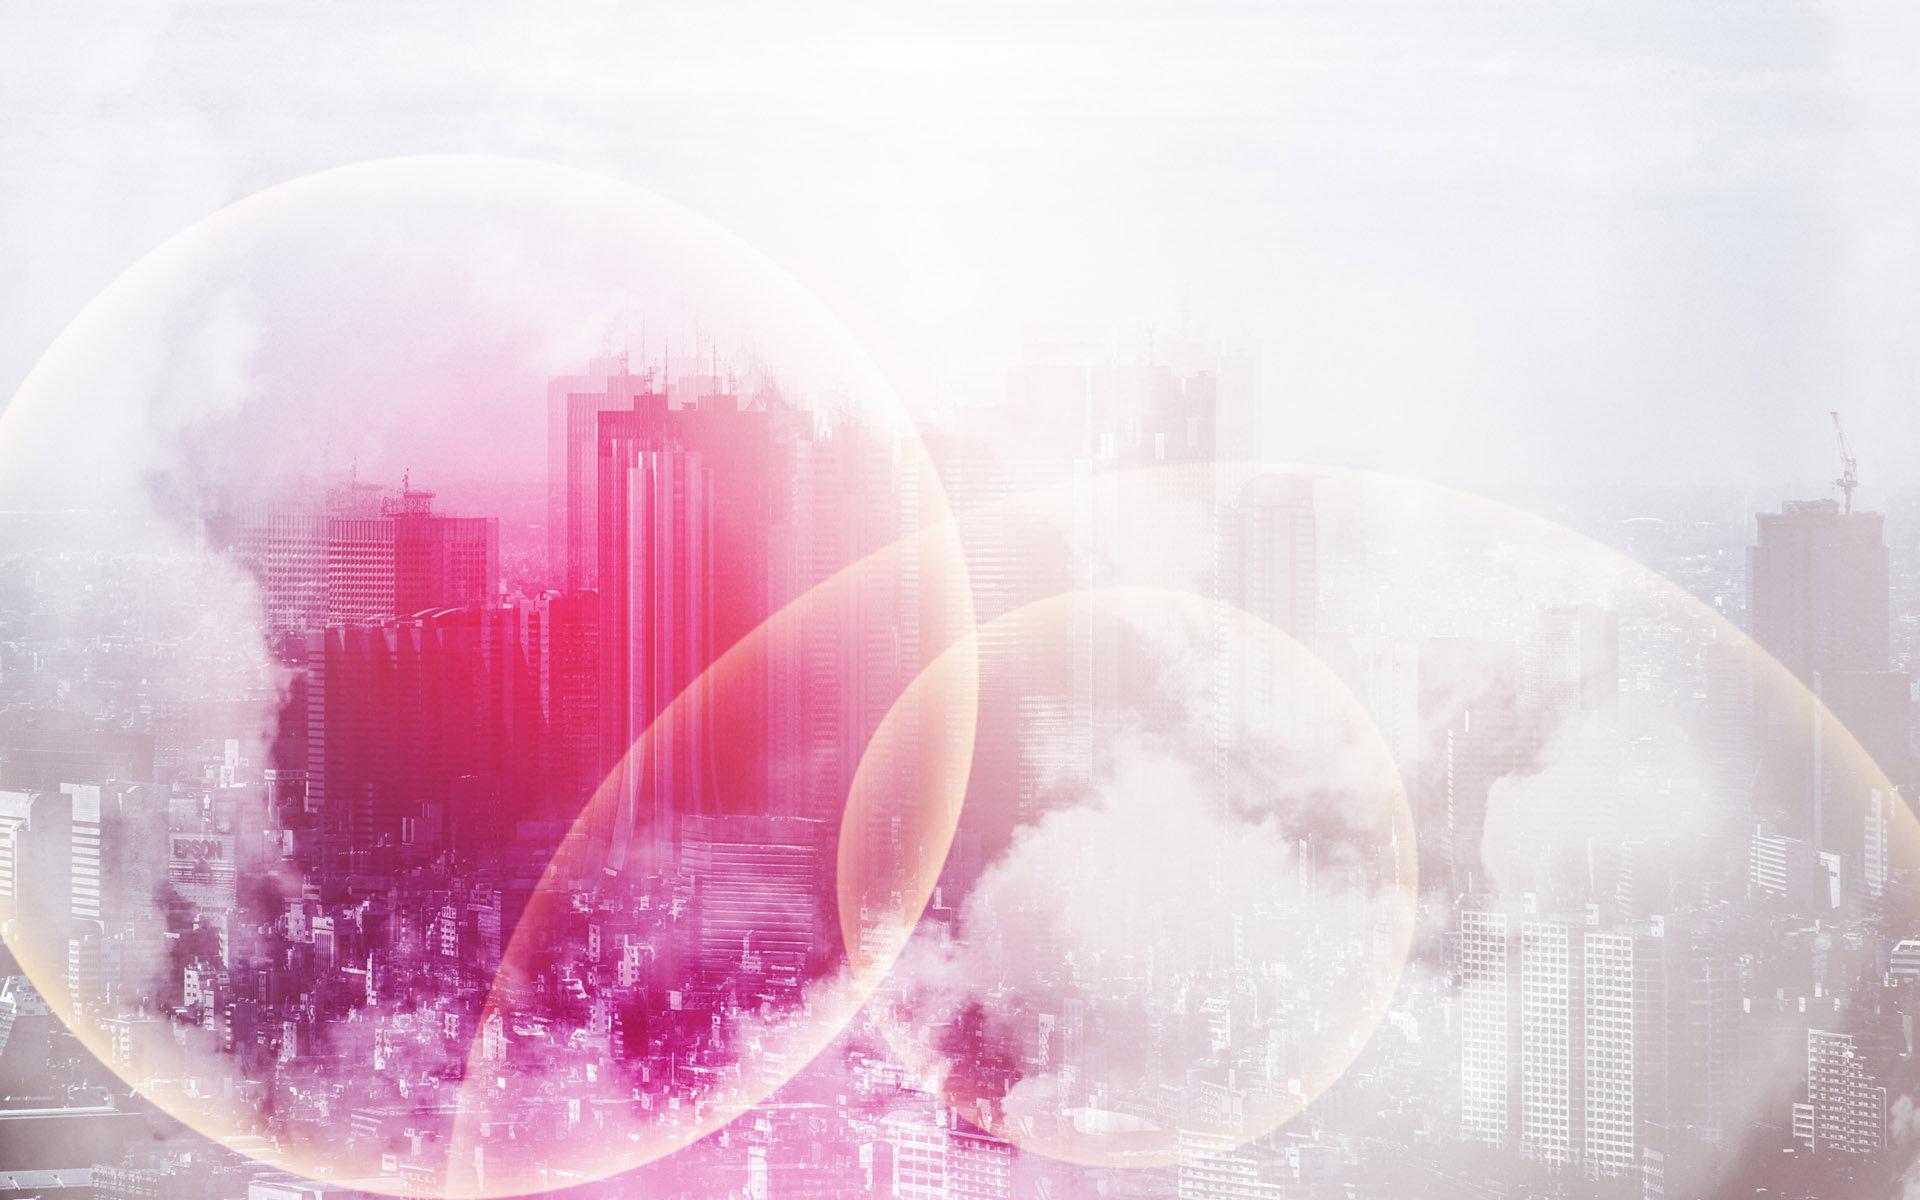 Hình nền thành phố màu hồng lung linh cực đẹp